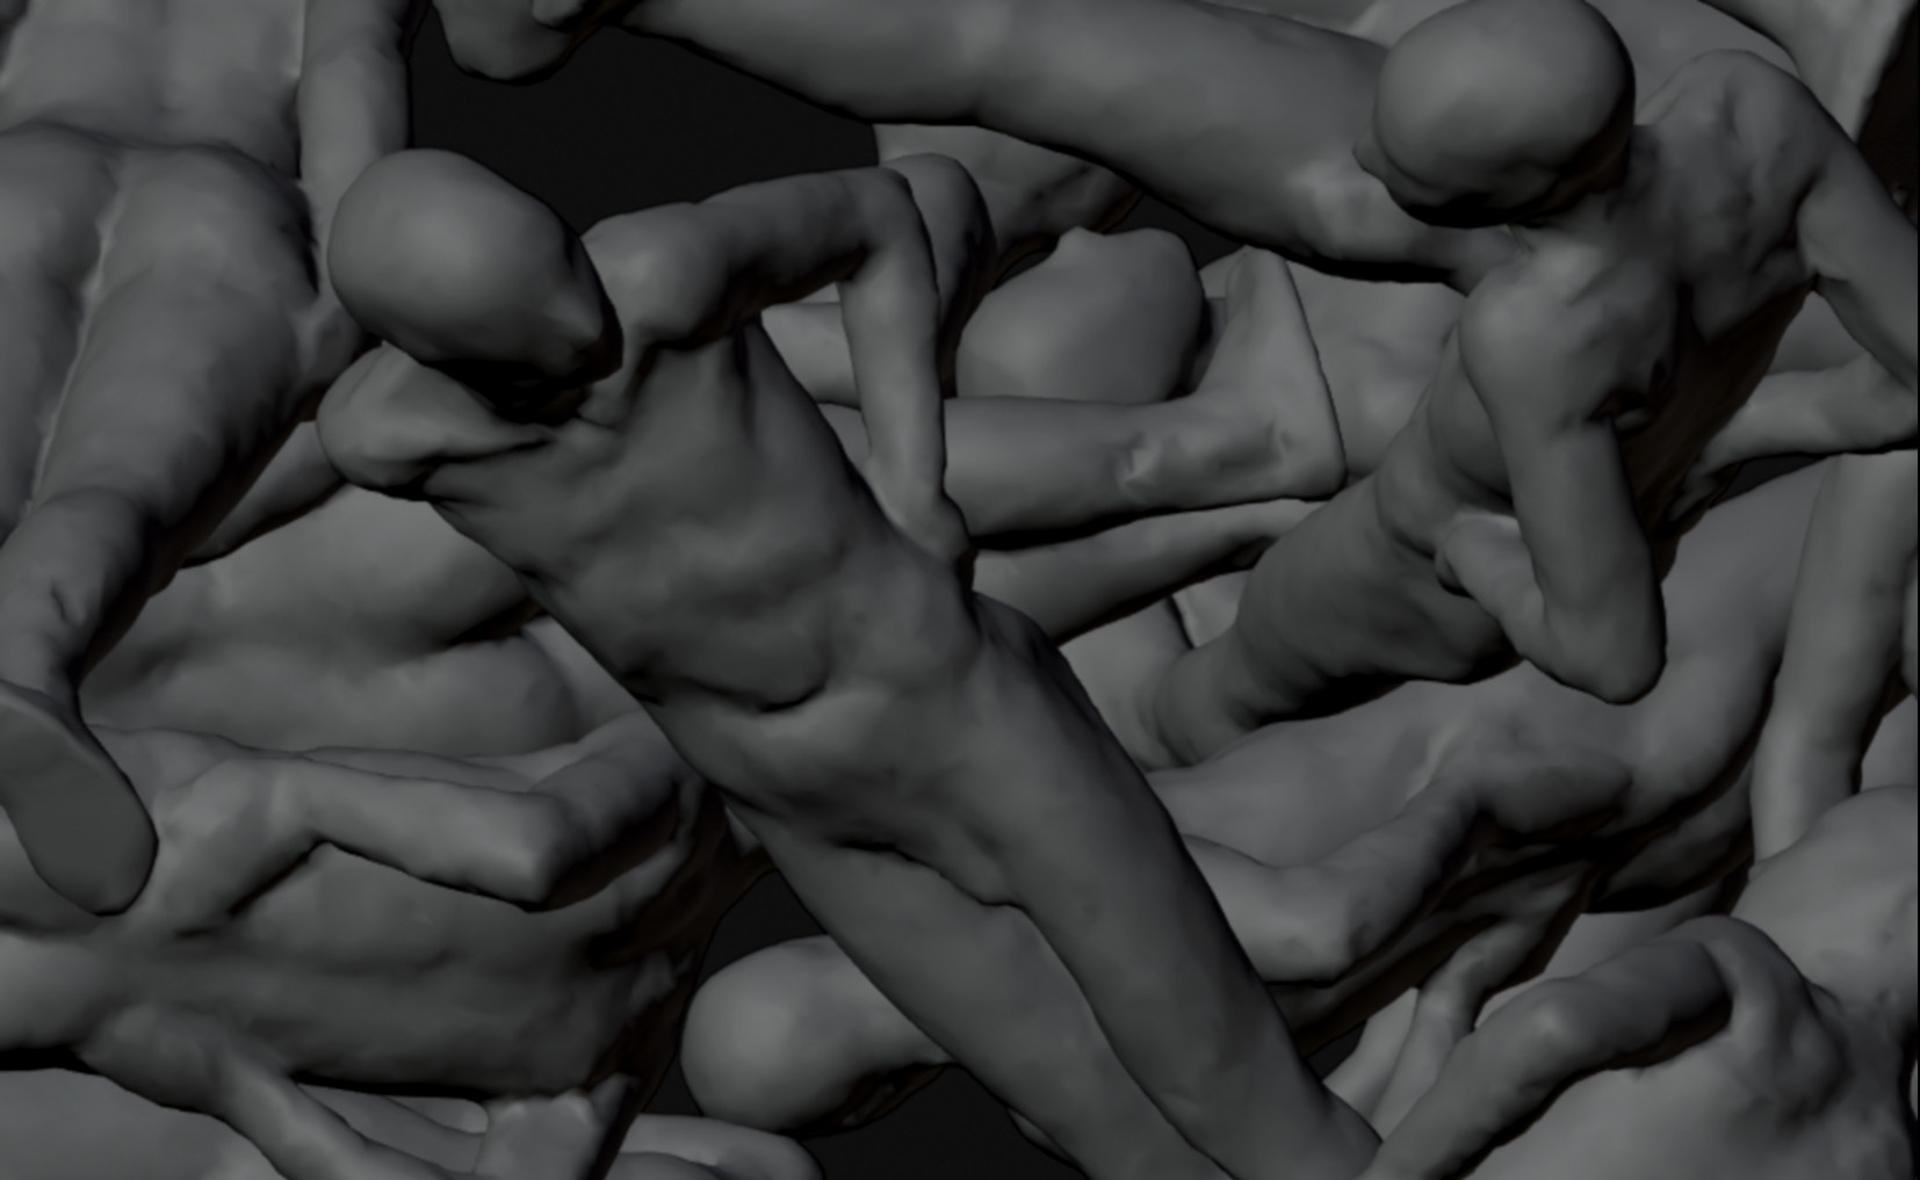 La realitat augmentada de Fèlix Atmetlla, exposada a la Sala Oberta 2